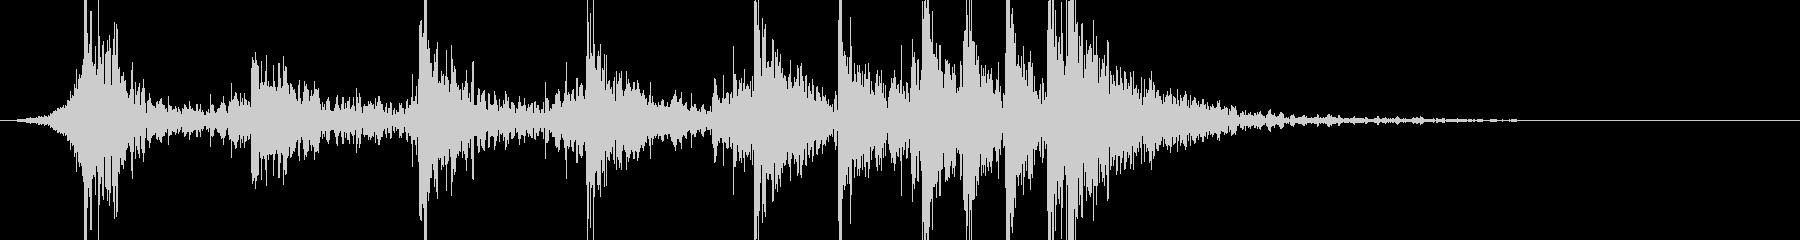 シネマティックドラムのアイキャッチですの未再生の波形